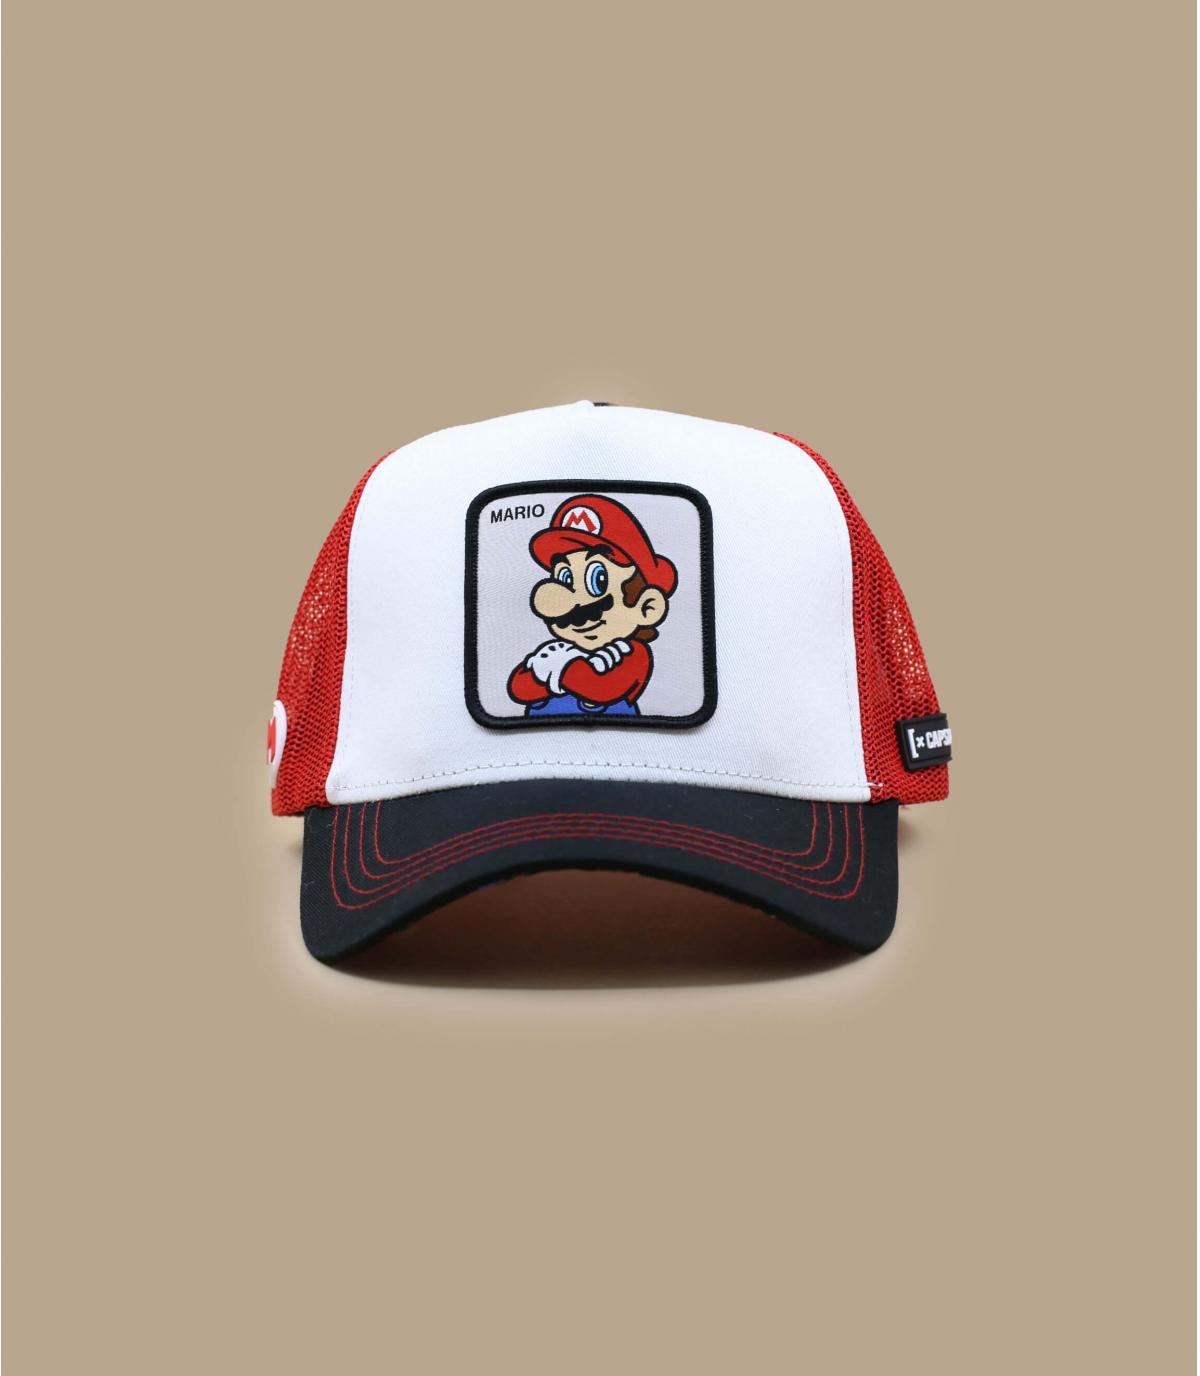 Dettagli Trucker Mario - image 2